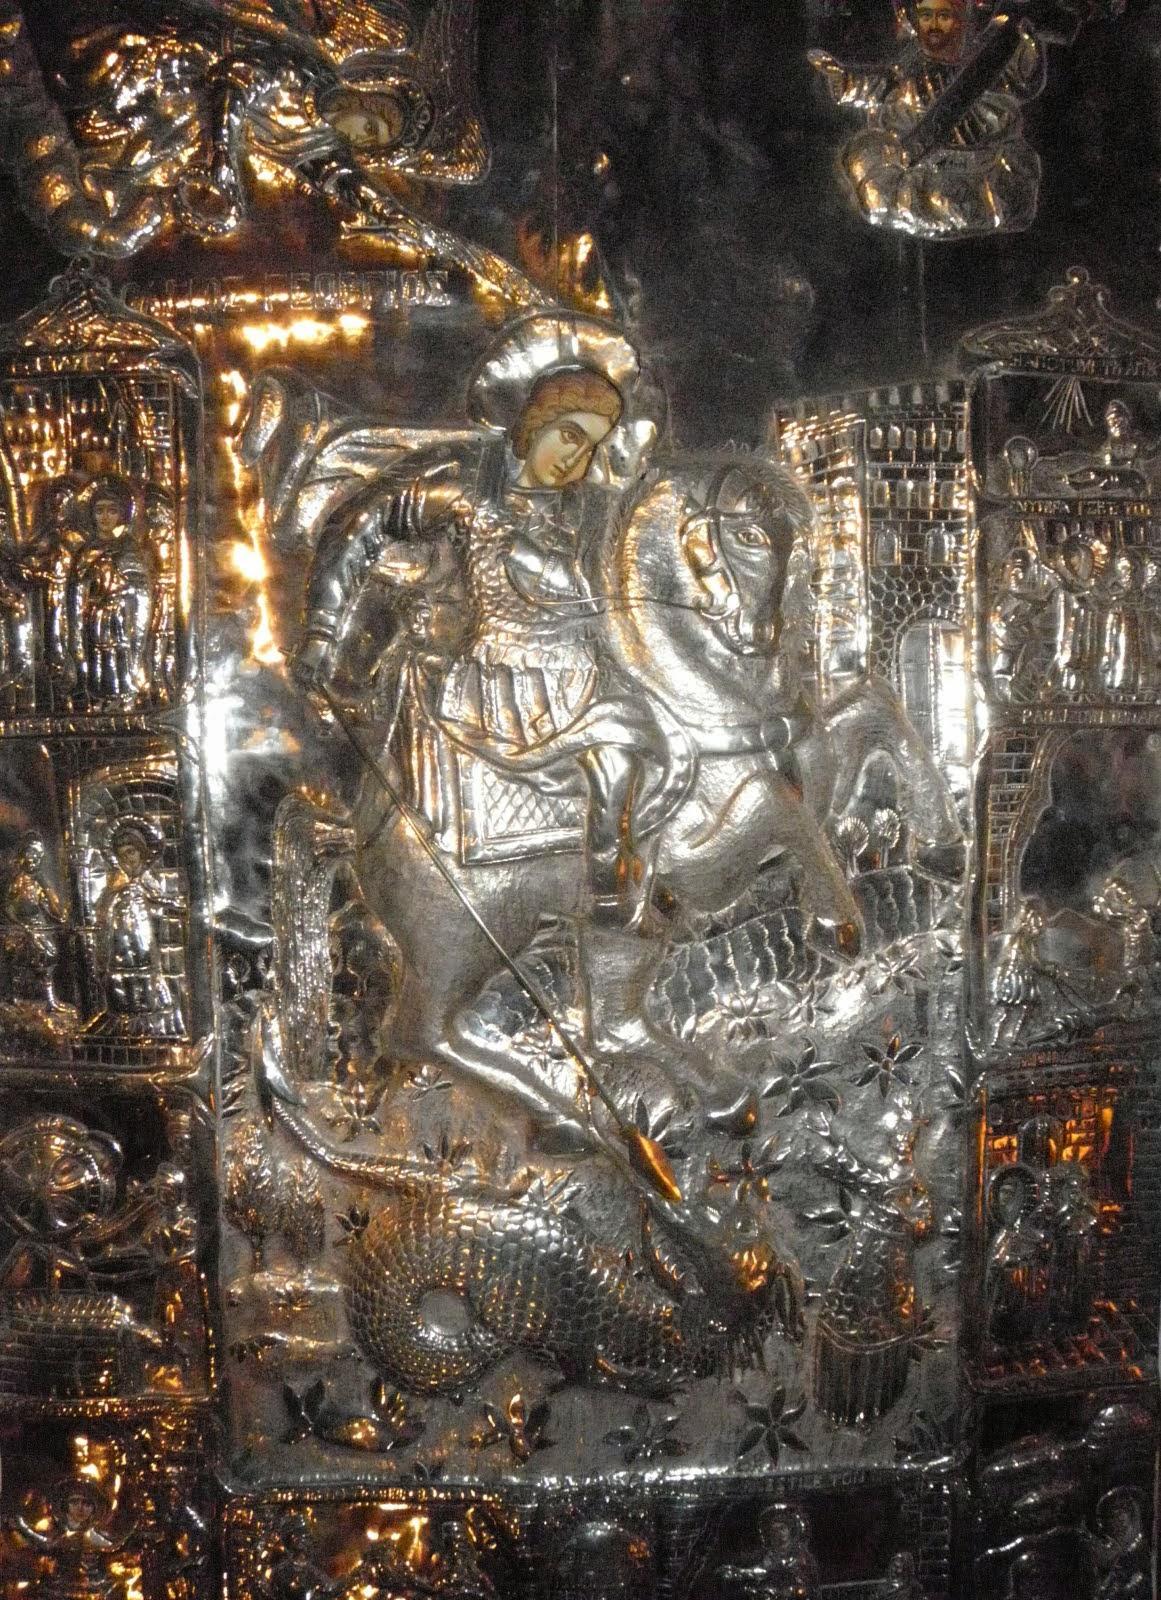 † Άγιε ένδοξε Μεγαλομάρτυς του Χριστού Γεώργιε πρέσβευε υπέρ ημών